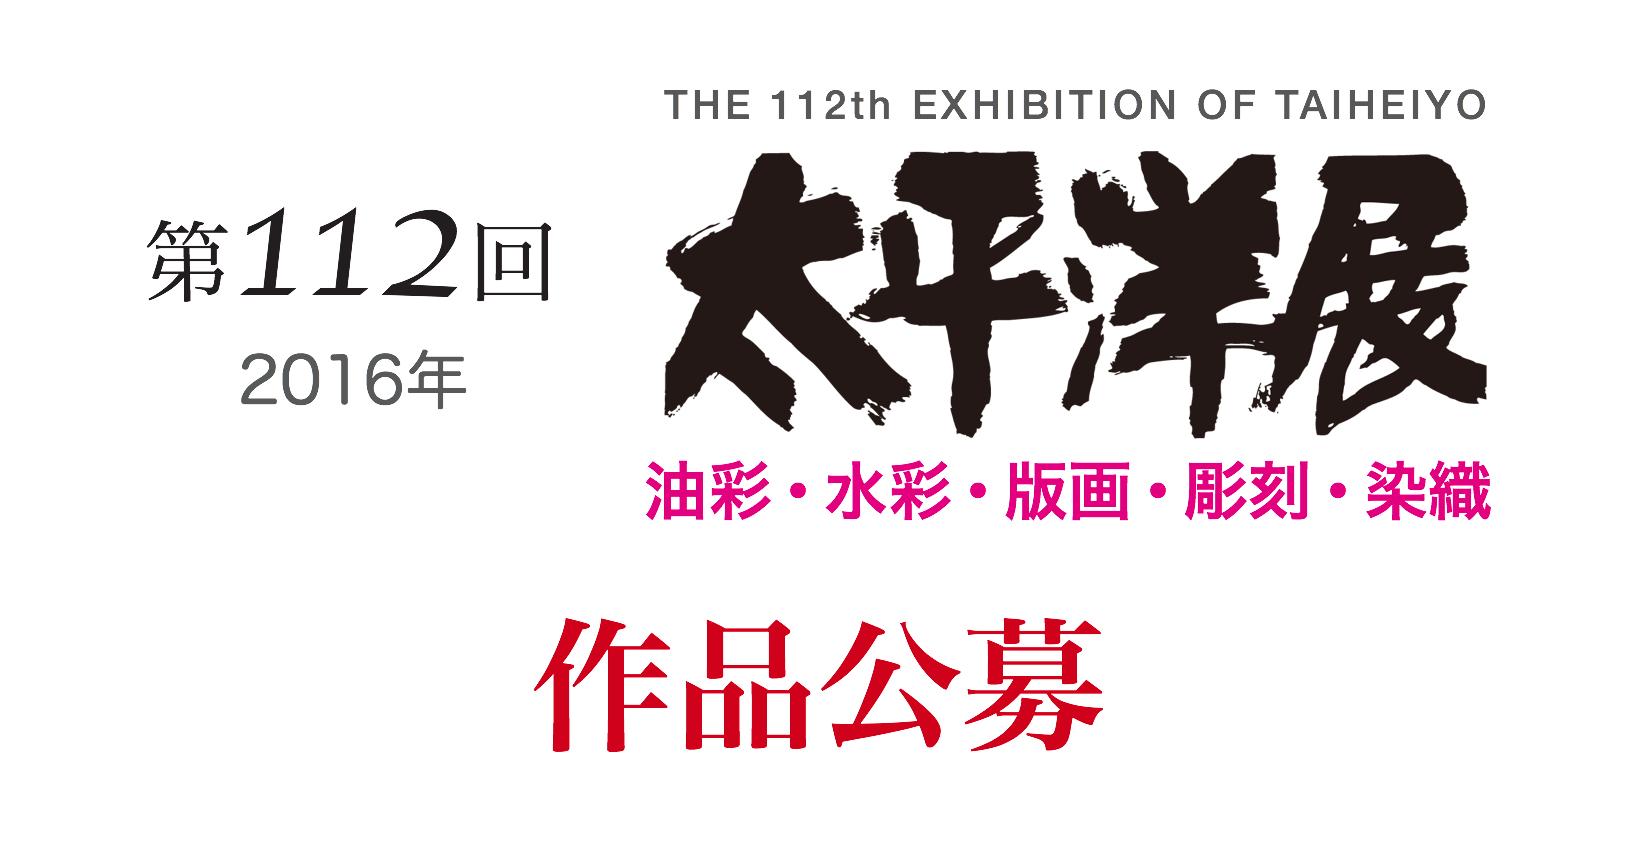 第112回太平洋展公募